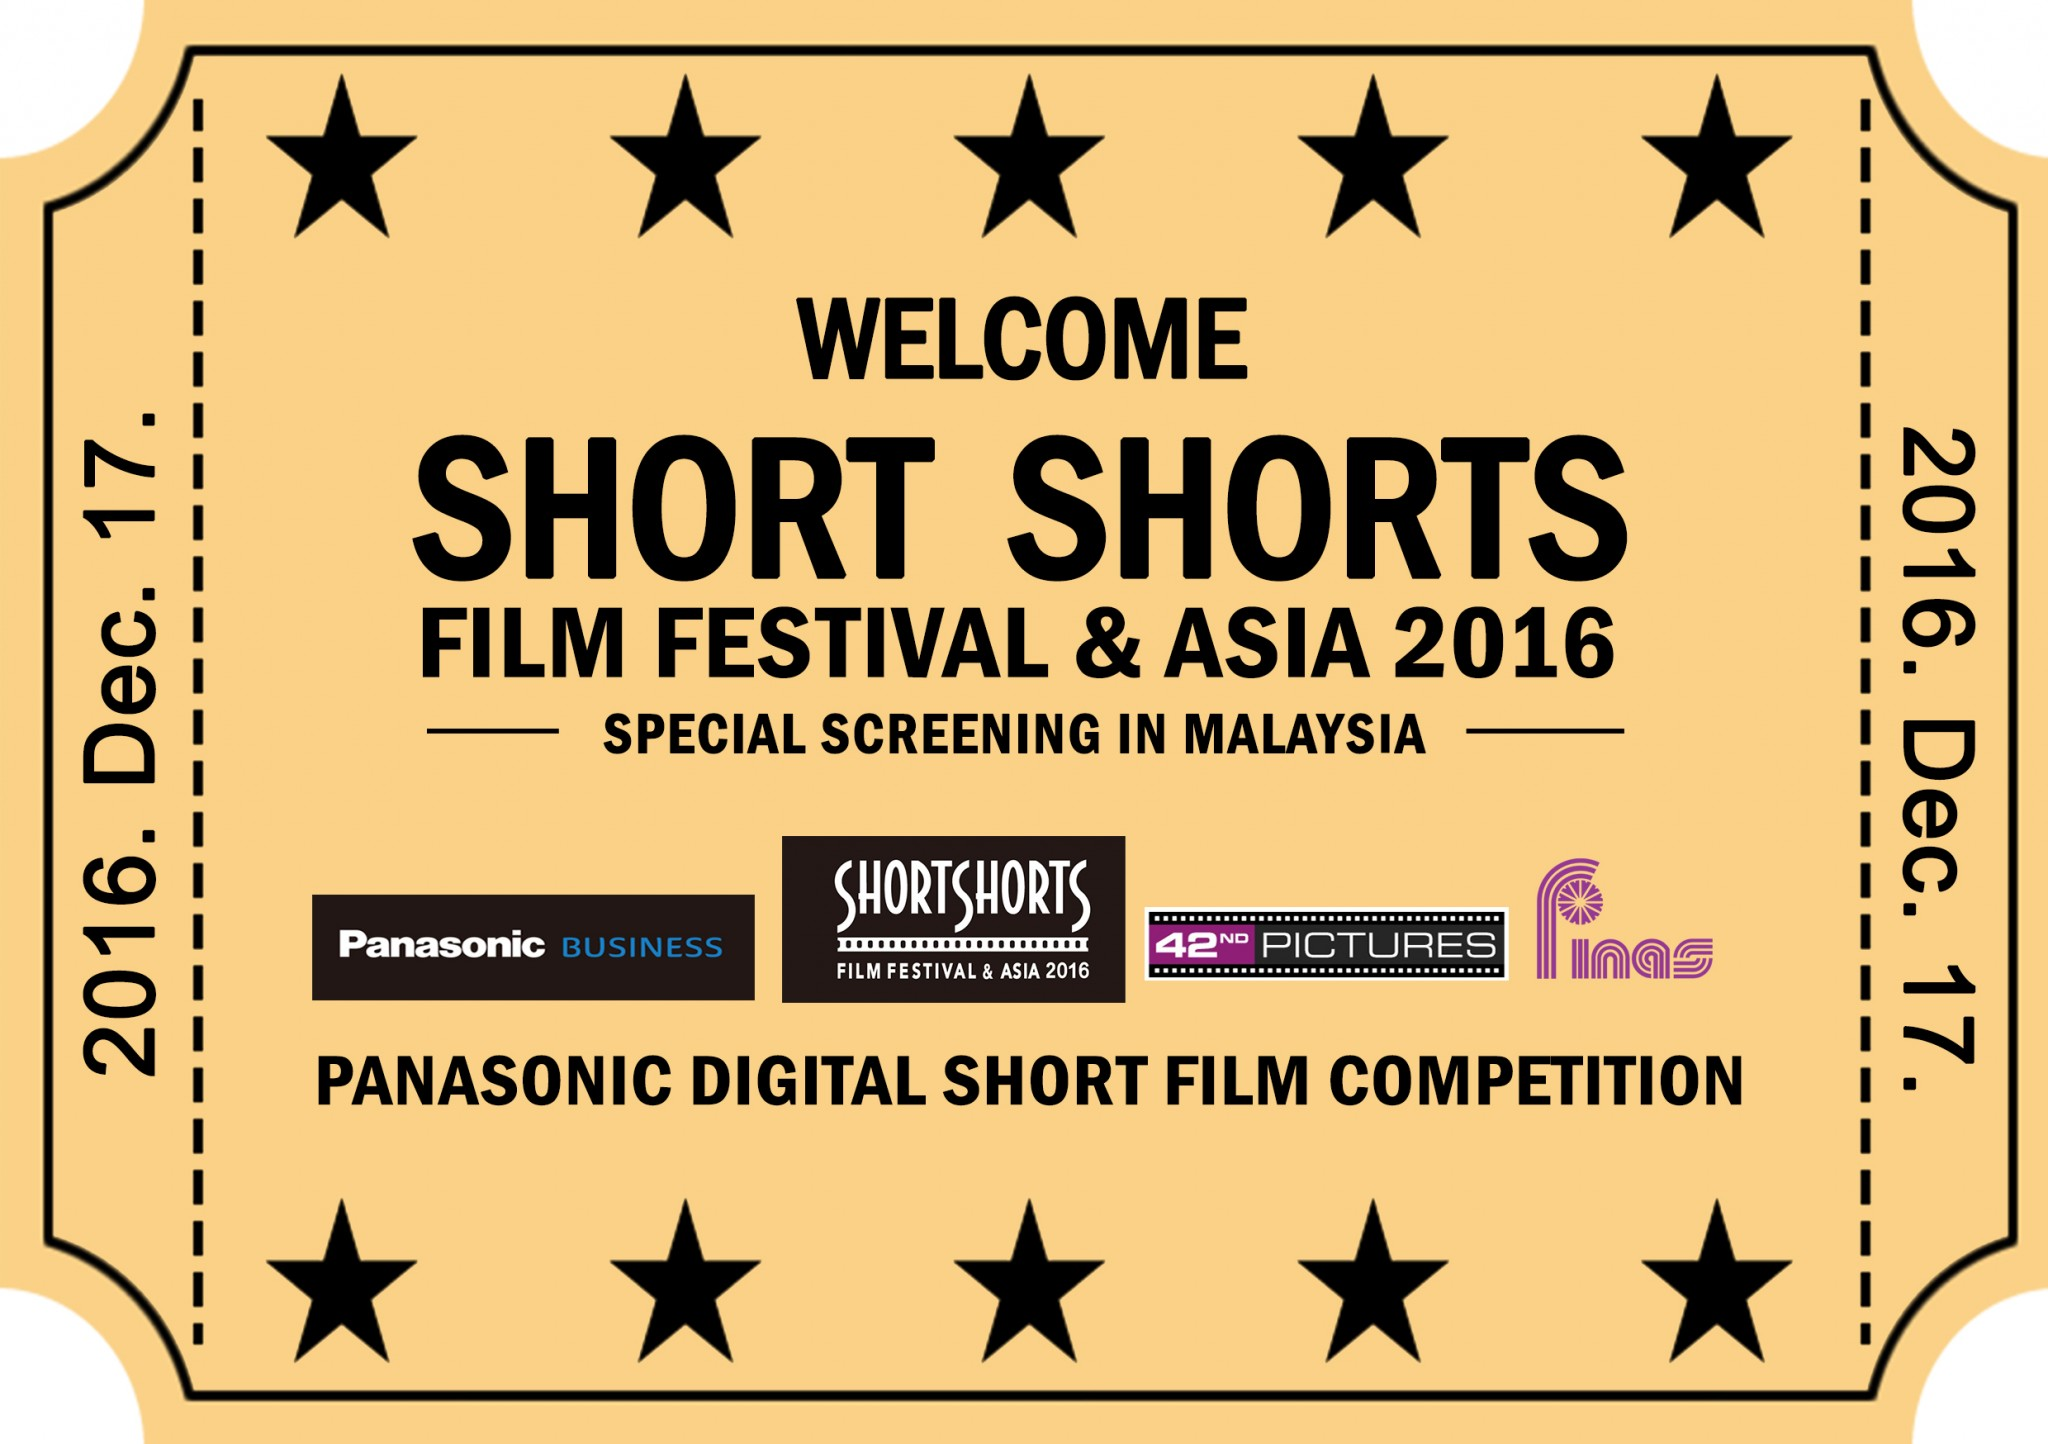 「SSFF & ASIA 2016 特別上映 in マレーシア」が開催されま